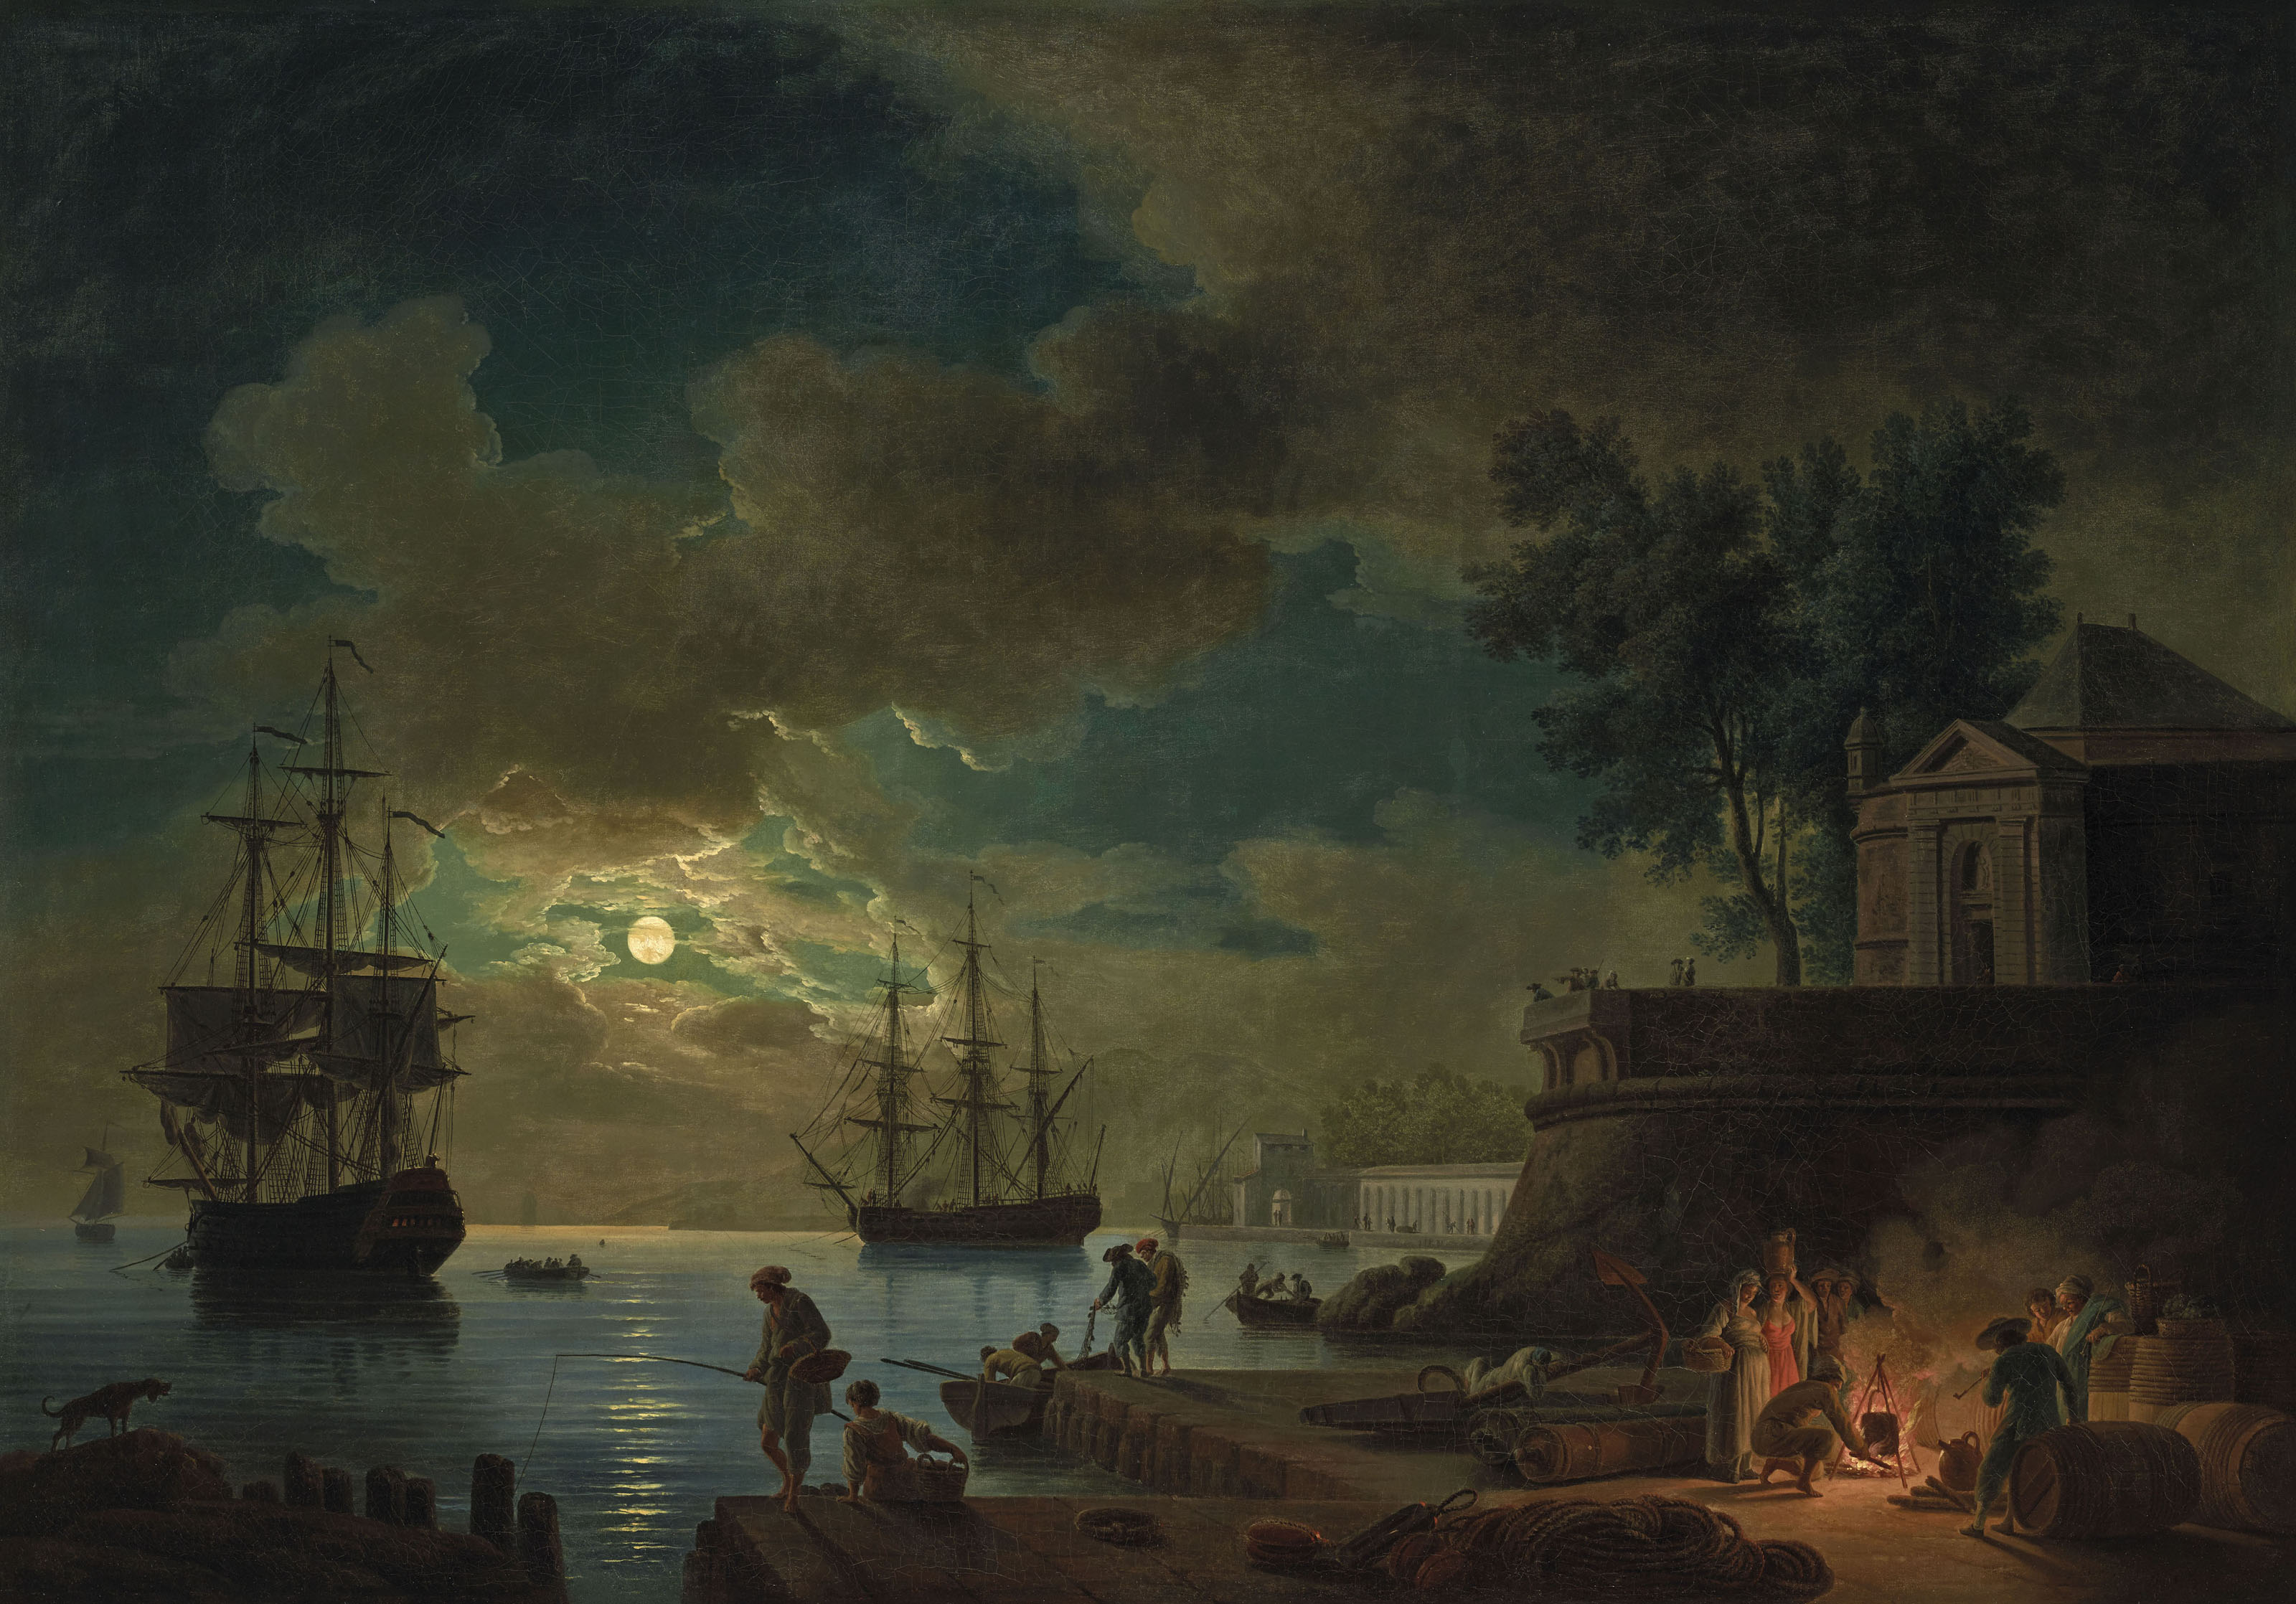 CLAUDE-JOSEPH VERNET (AVIGNON 1714 - 1789 PARIS)